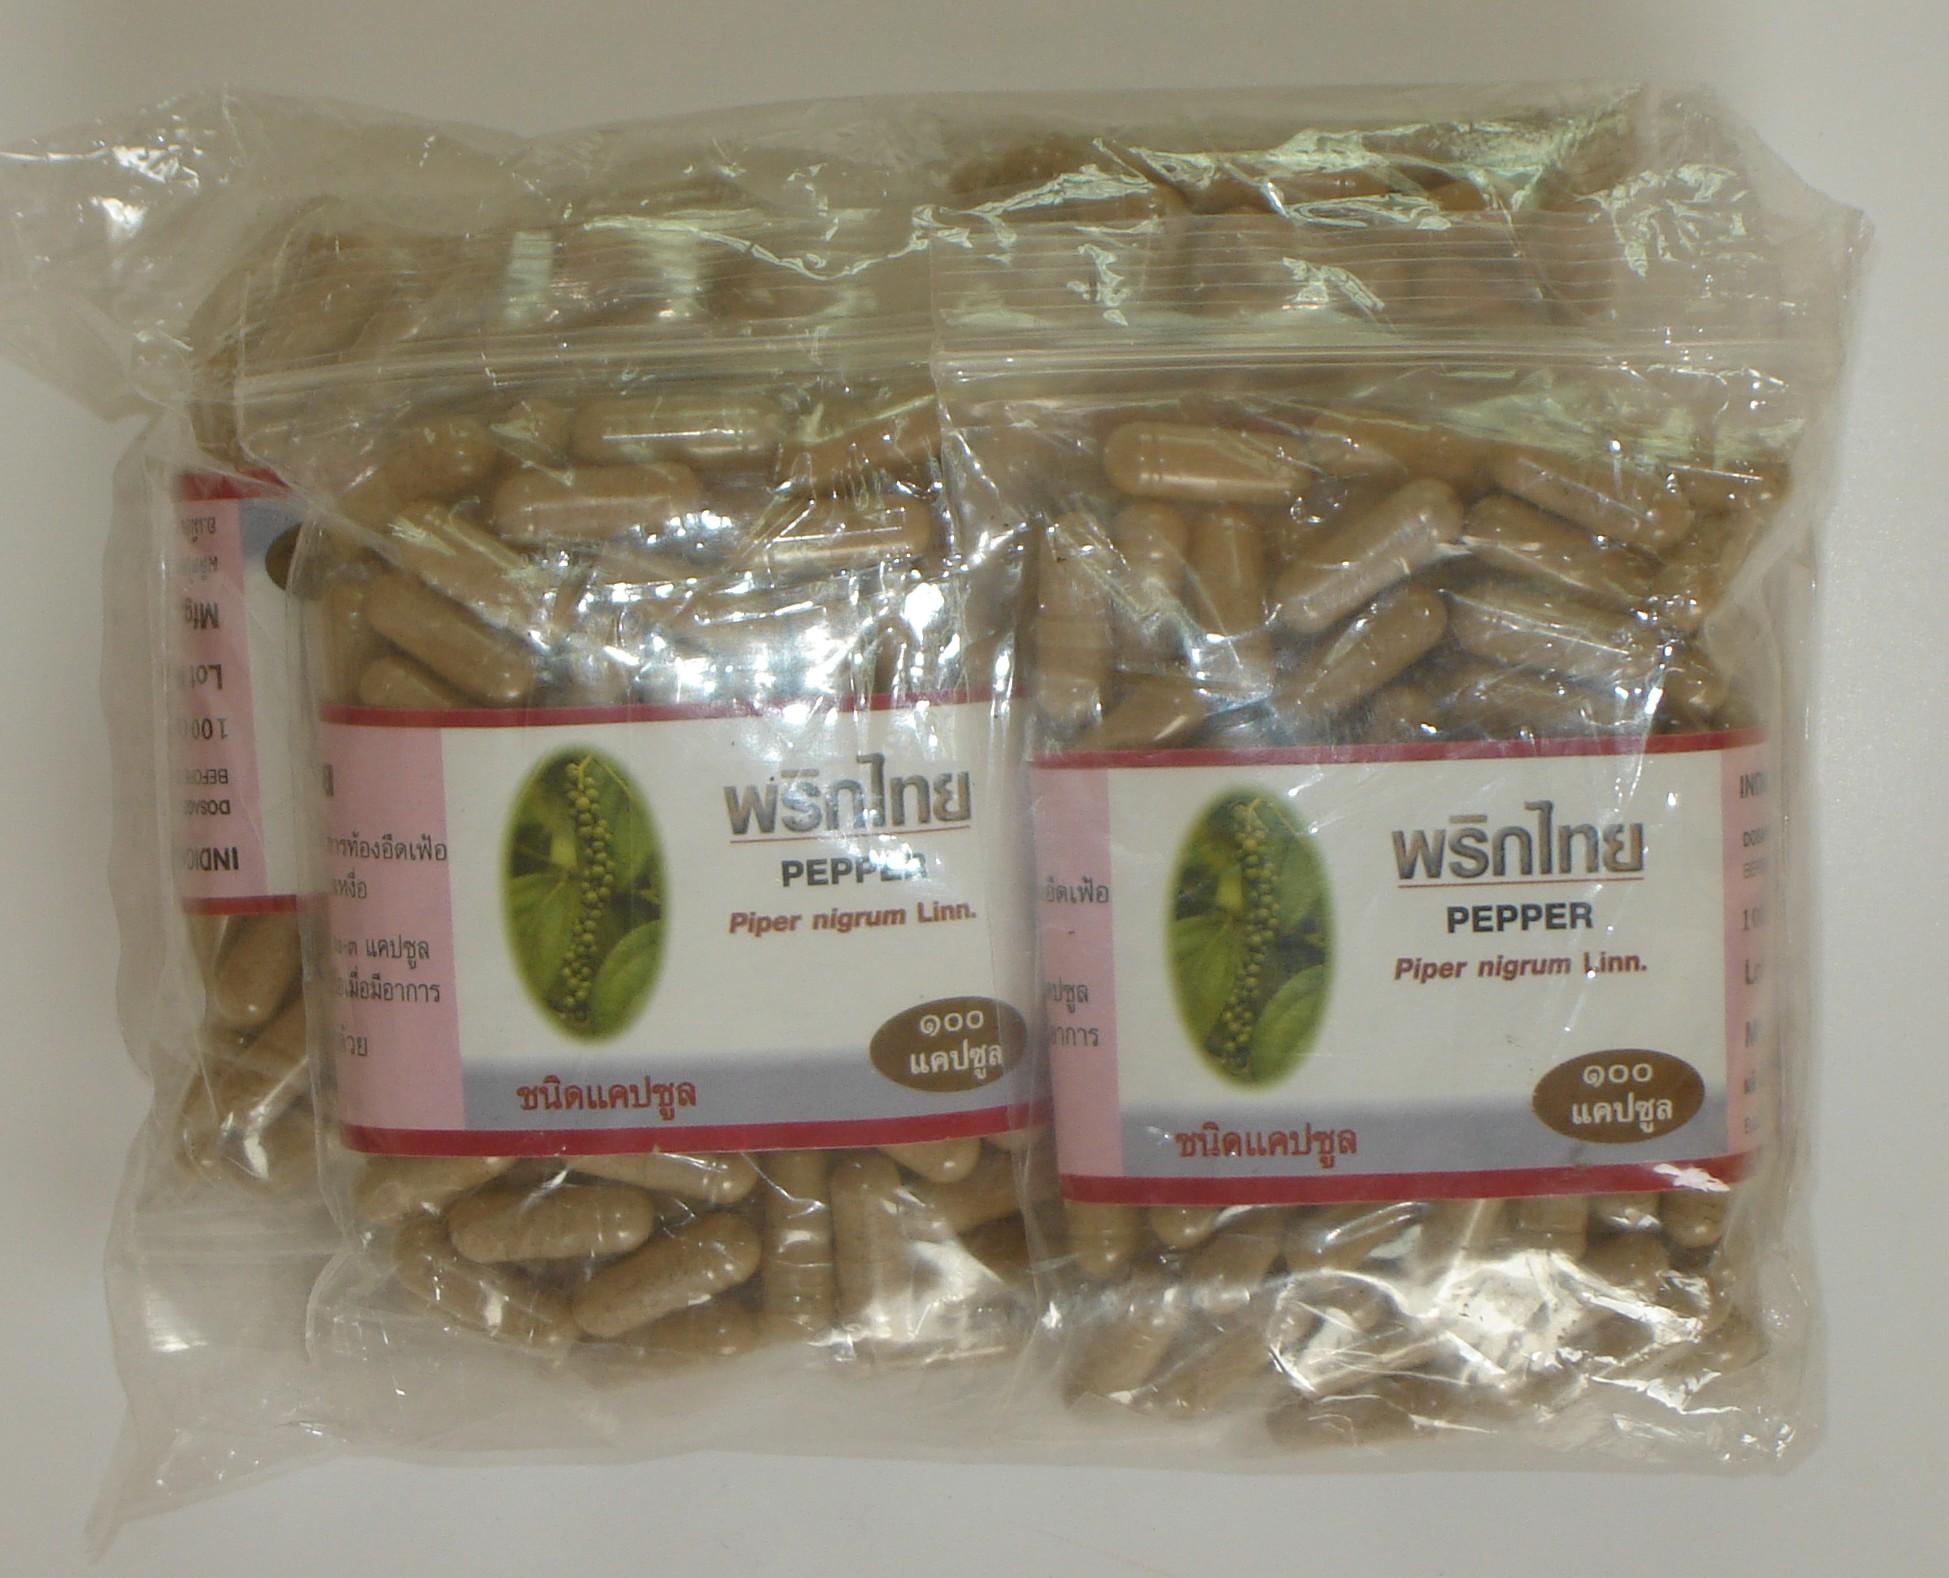 44-101-0900-1 พริกไทย 100 CAP ซอง (ปฐม) แพ็ค*6ห